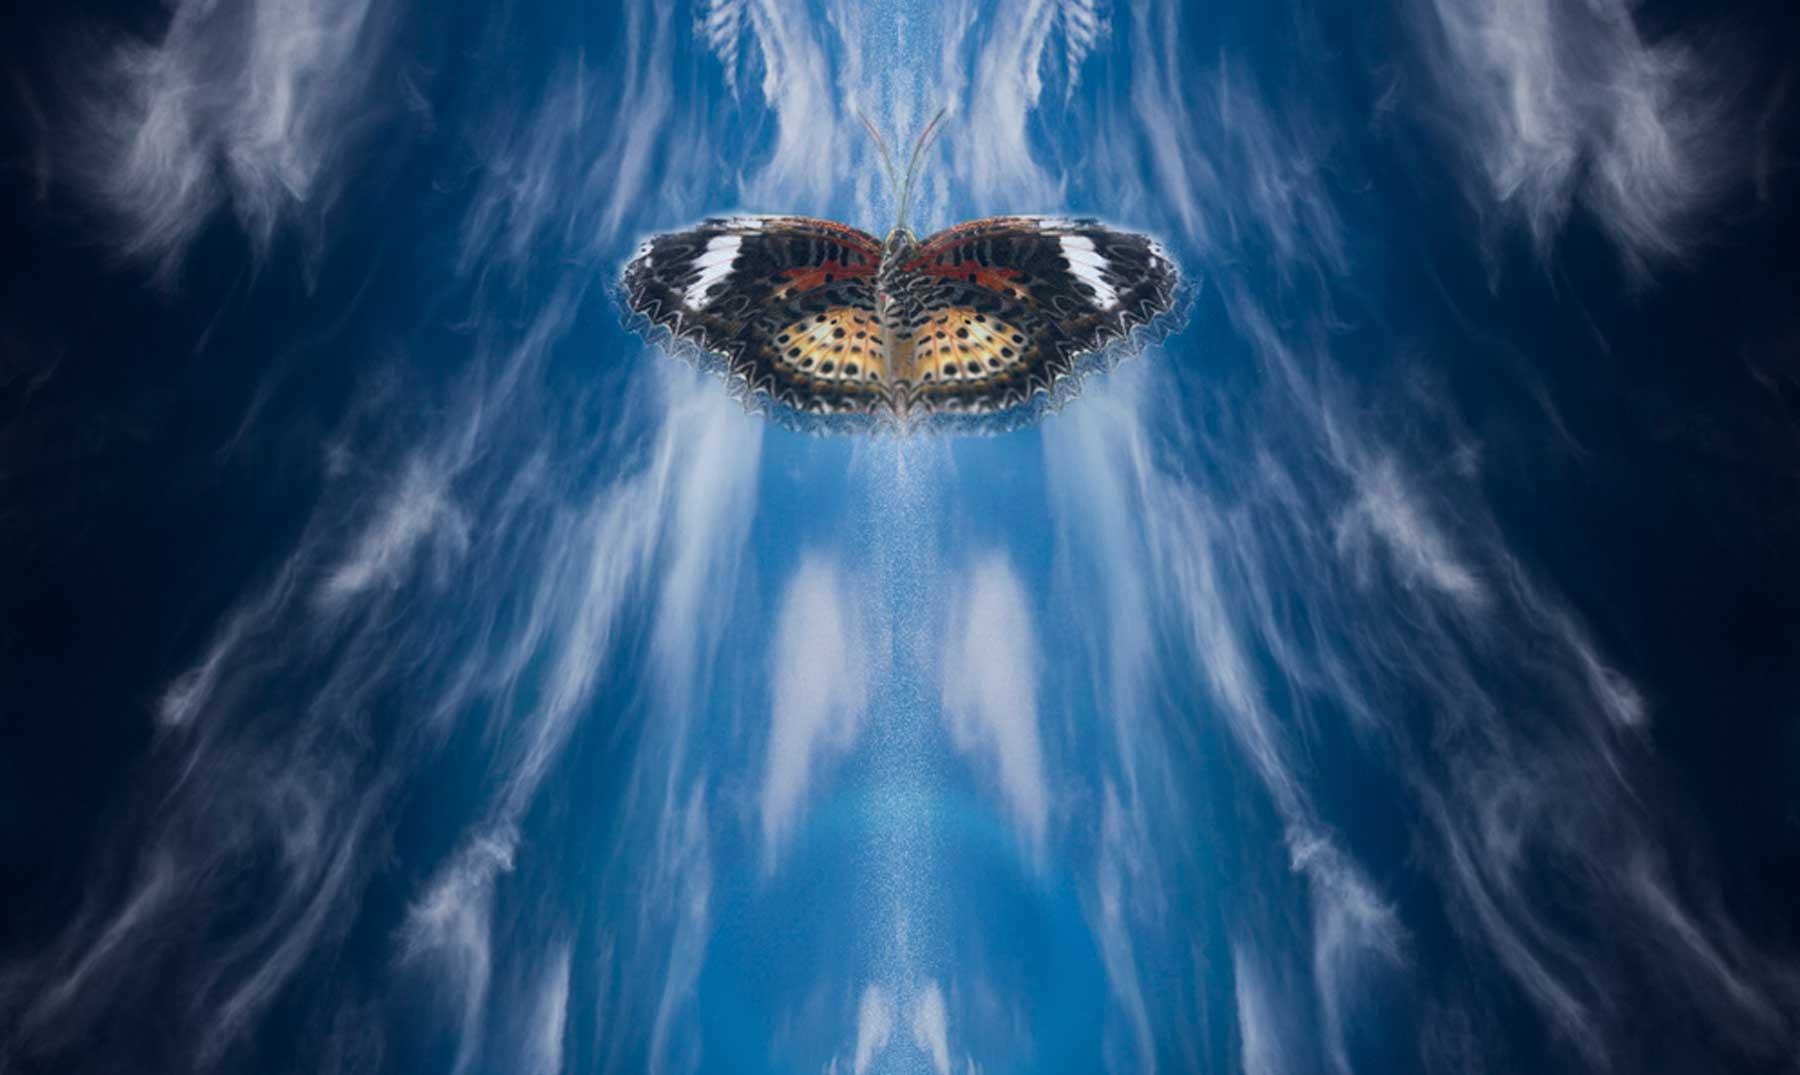 Partida Forja de Estrellas - Página 3 %C2%BFSabes-qu%C3%A9-es-el-efecto-mariposa-